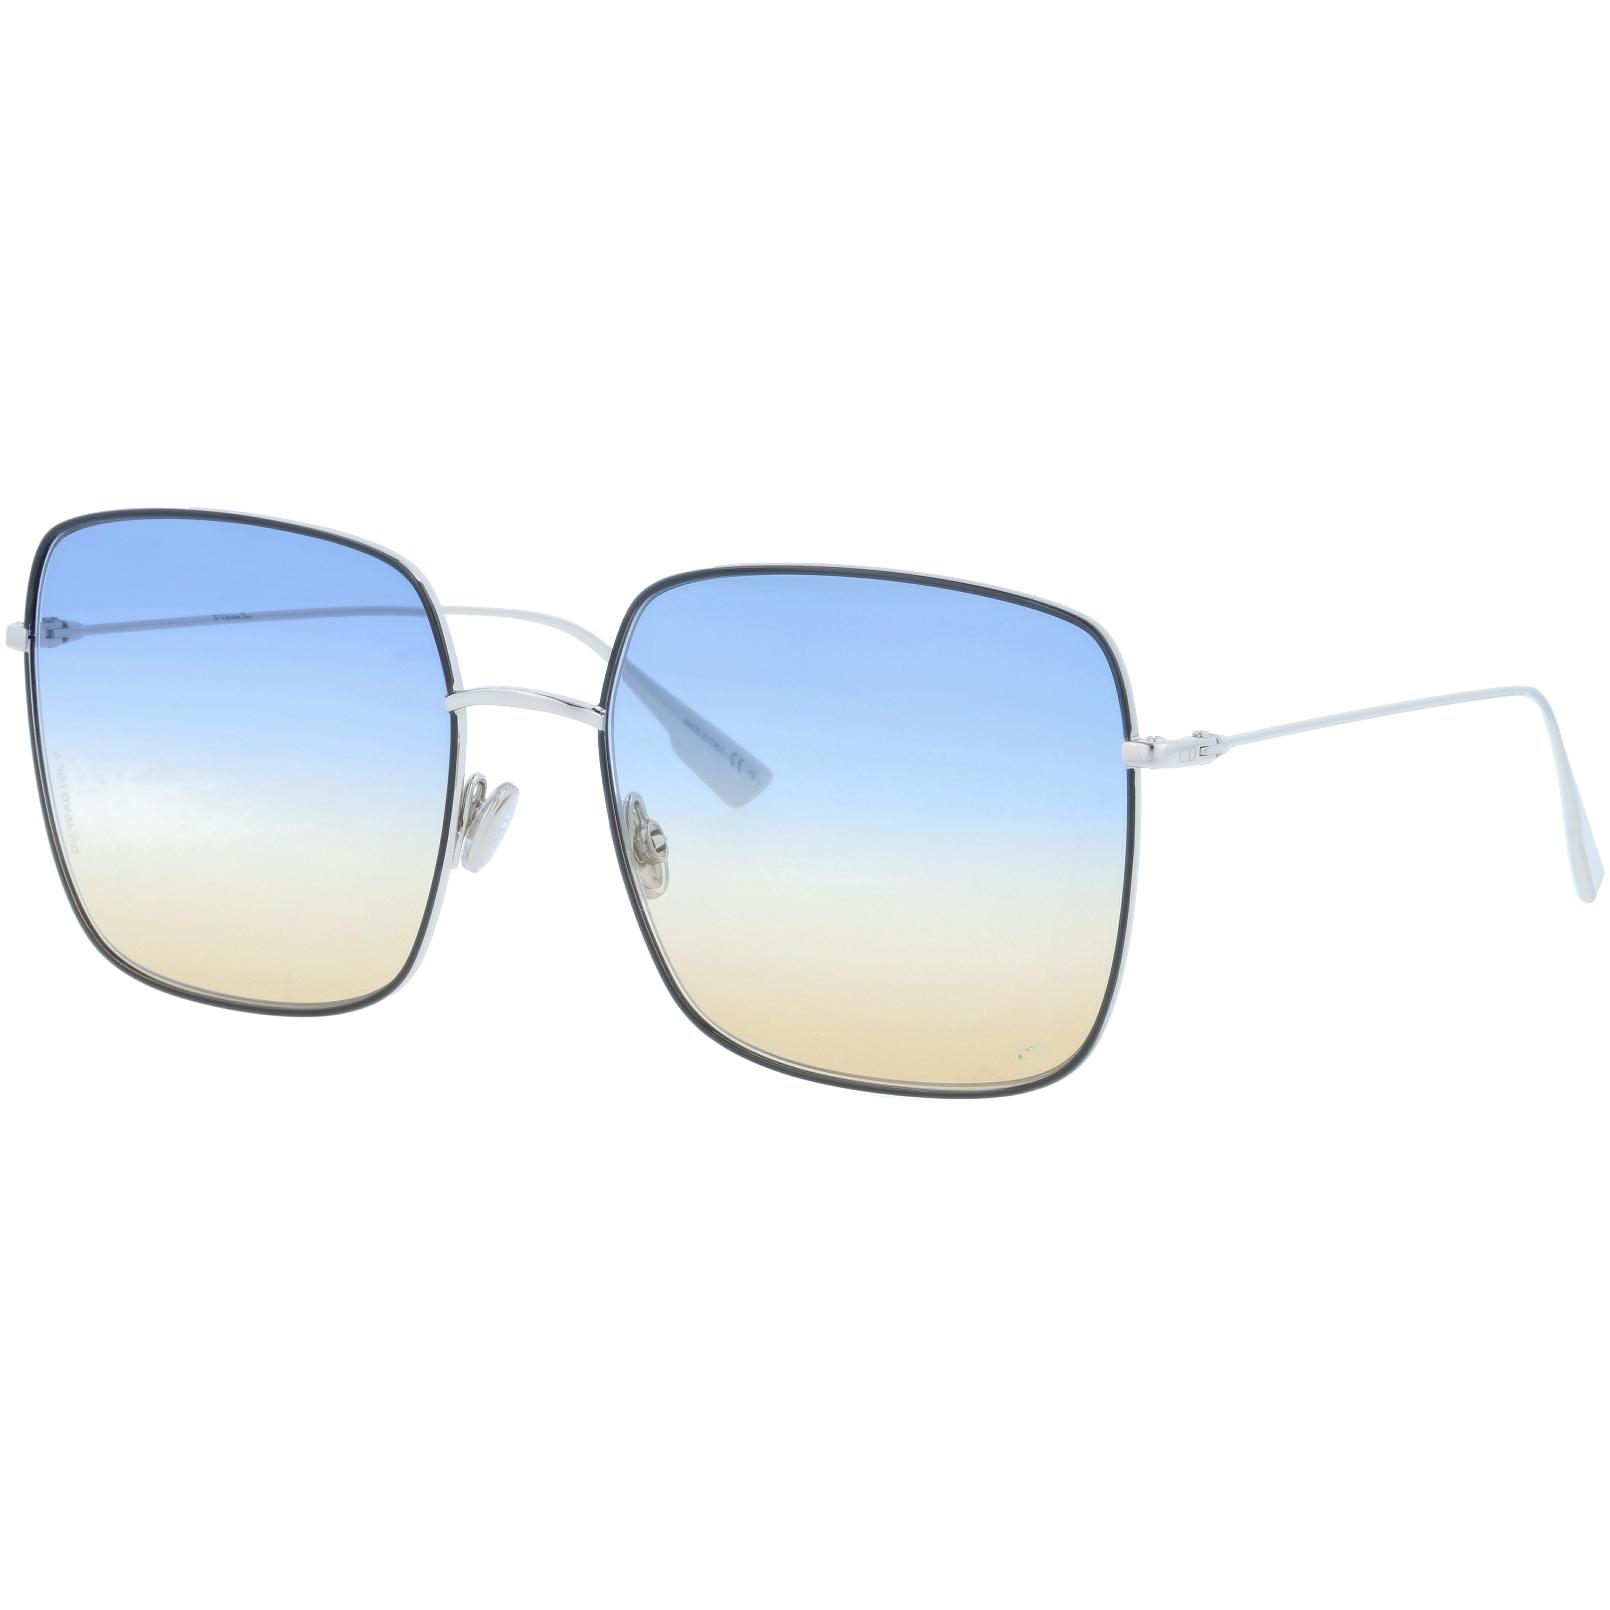 Óculos de Sol Dior Preto/Prata DIORSTELLAIRE 1 - 84J84/59